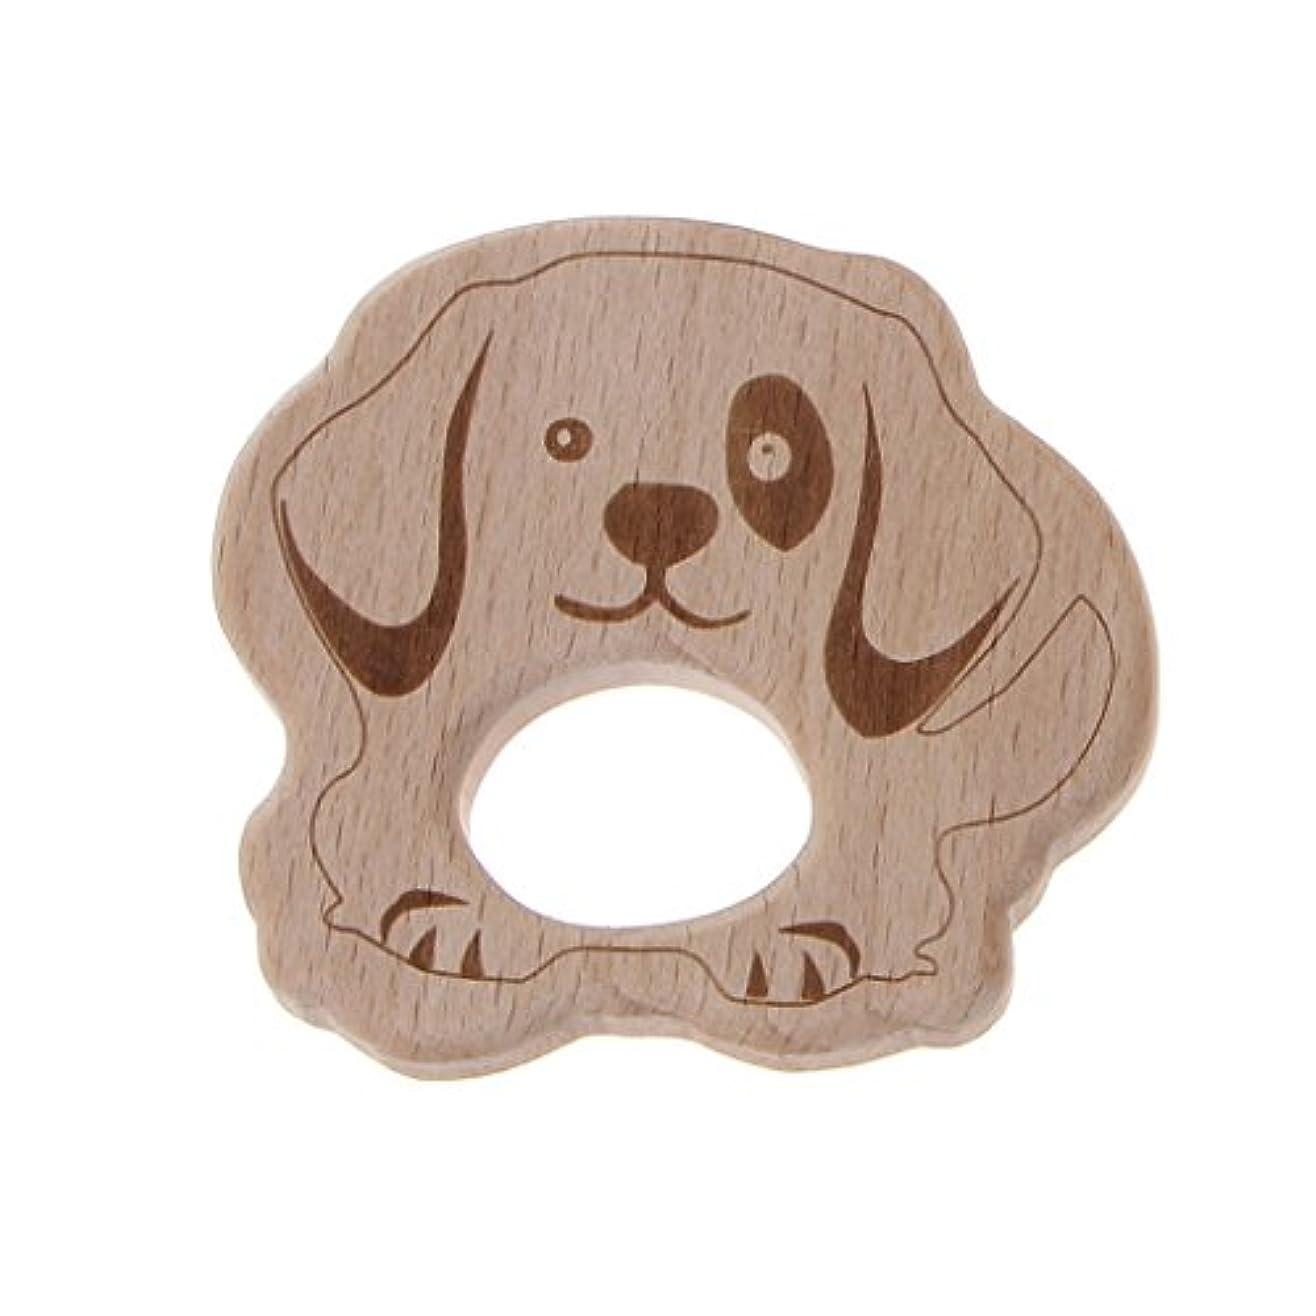 出発詐欺くびれたランドウッドティーザー動物ユーカリティーザー赤ちゃん看護玩具かむ玩具歯が生えるガラガラおもちゃ - 子犬